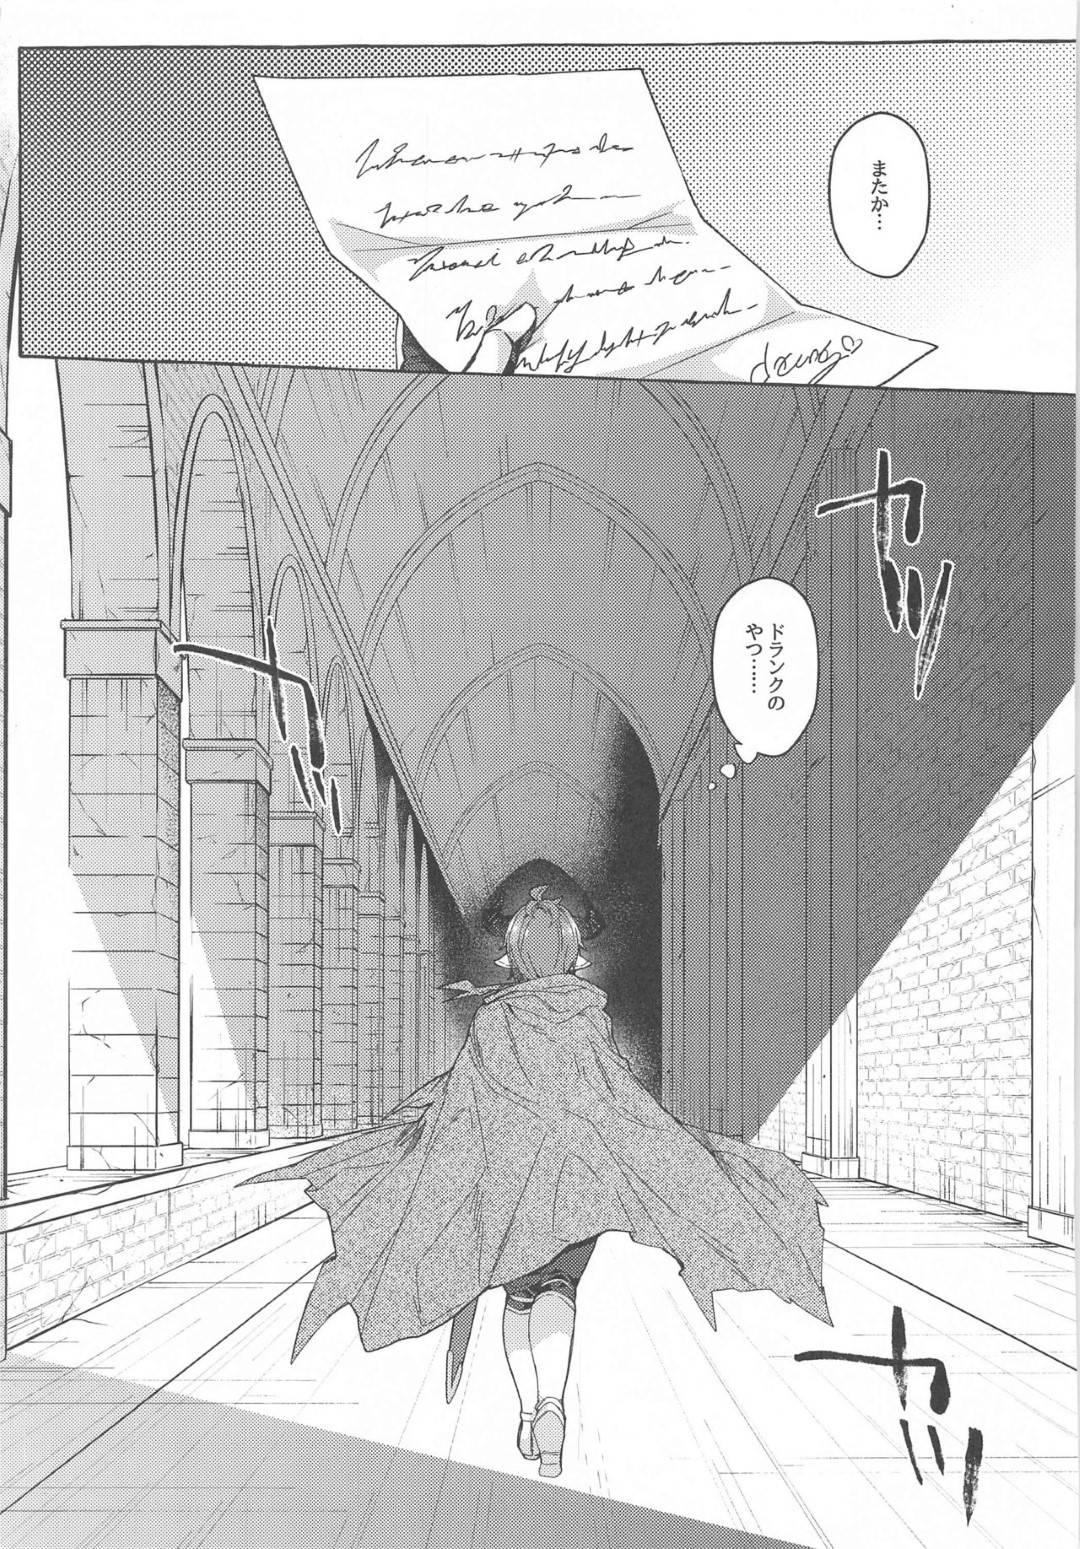 【エロ漫画】ドランクに宿で催淫魔法をかけられて抵抗する力を奪われてベッドに拘束されてしまったスツルム。ドSな彼に迫られた彼女は乳首を責められたり、手マンされたり、クンニされたりと全身を愛撫されて思わず潮吹き絶頂してしまい、そのままチンポをハメられてしまう。